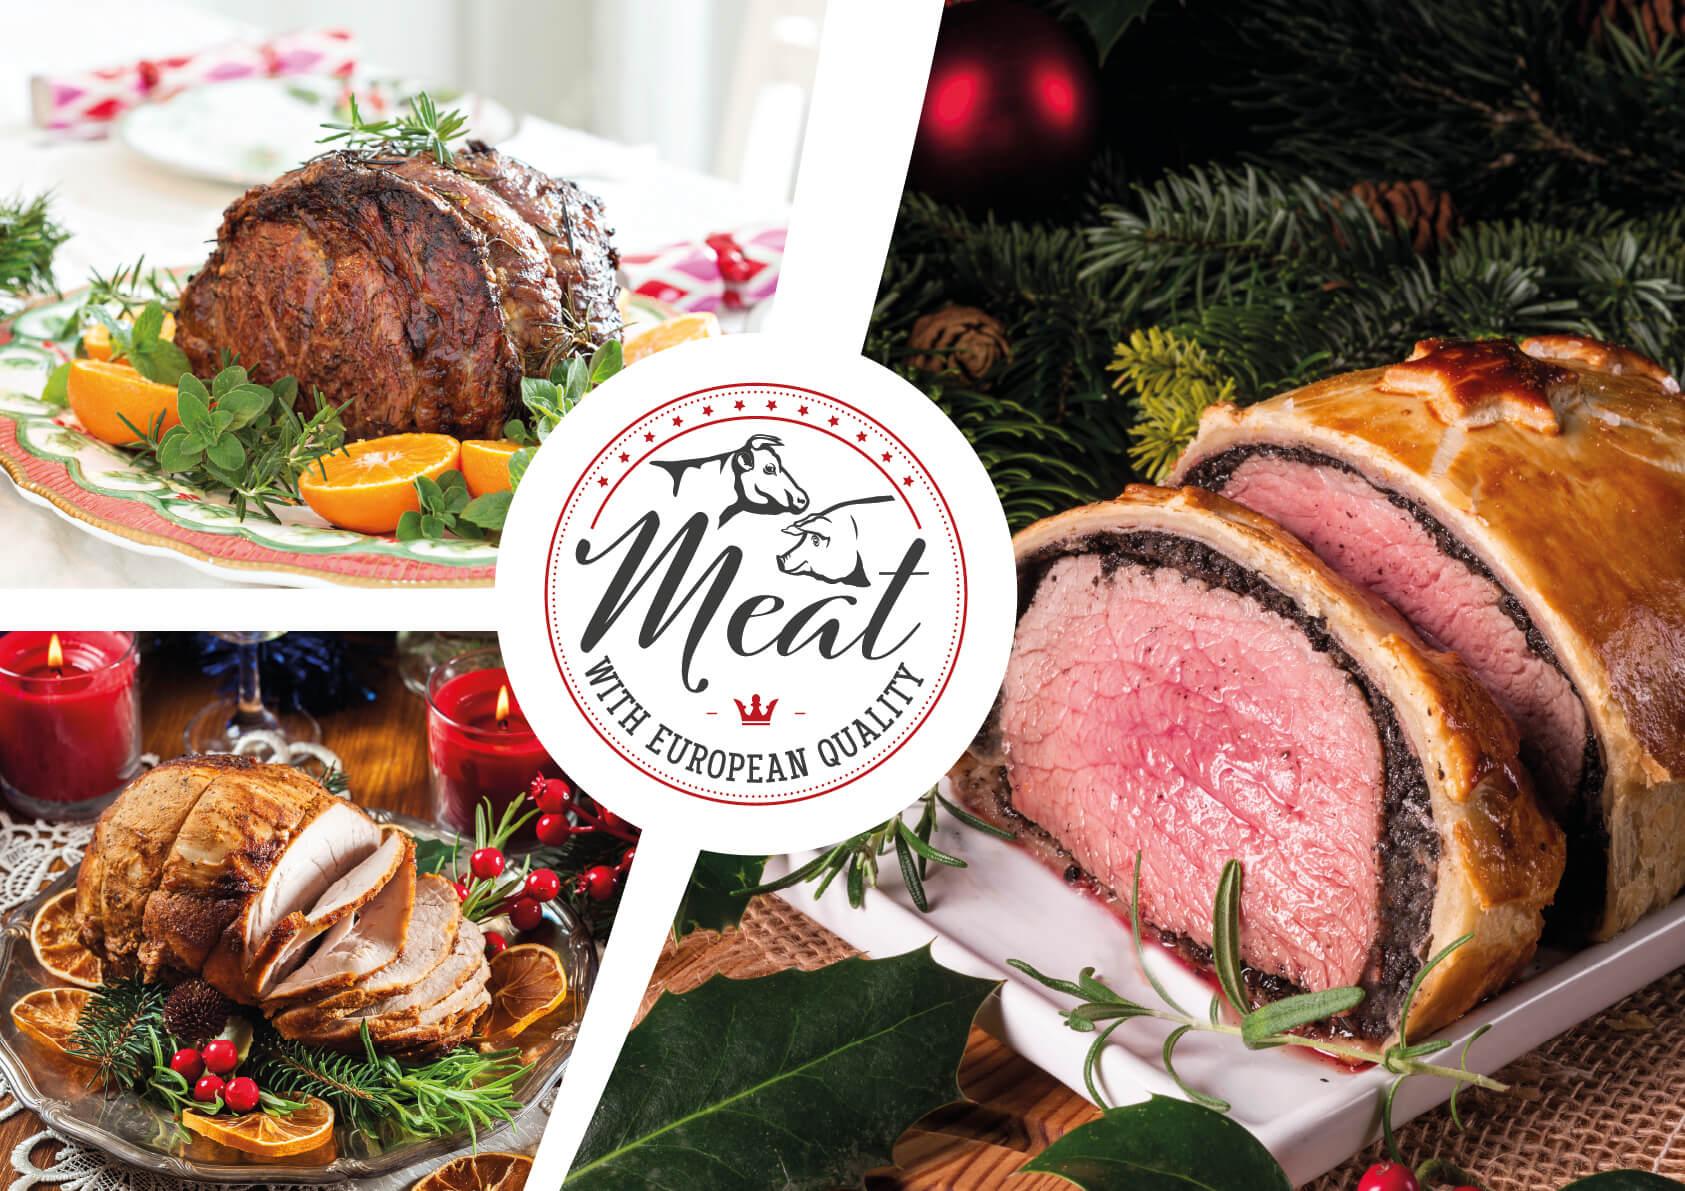 Boże Narodzenie – jak najlepiej przyrządzić potrawy mięsne z europejskim rodowodem?